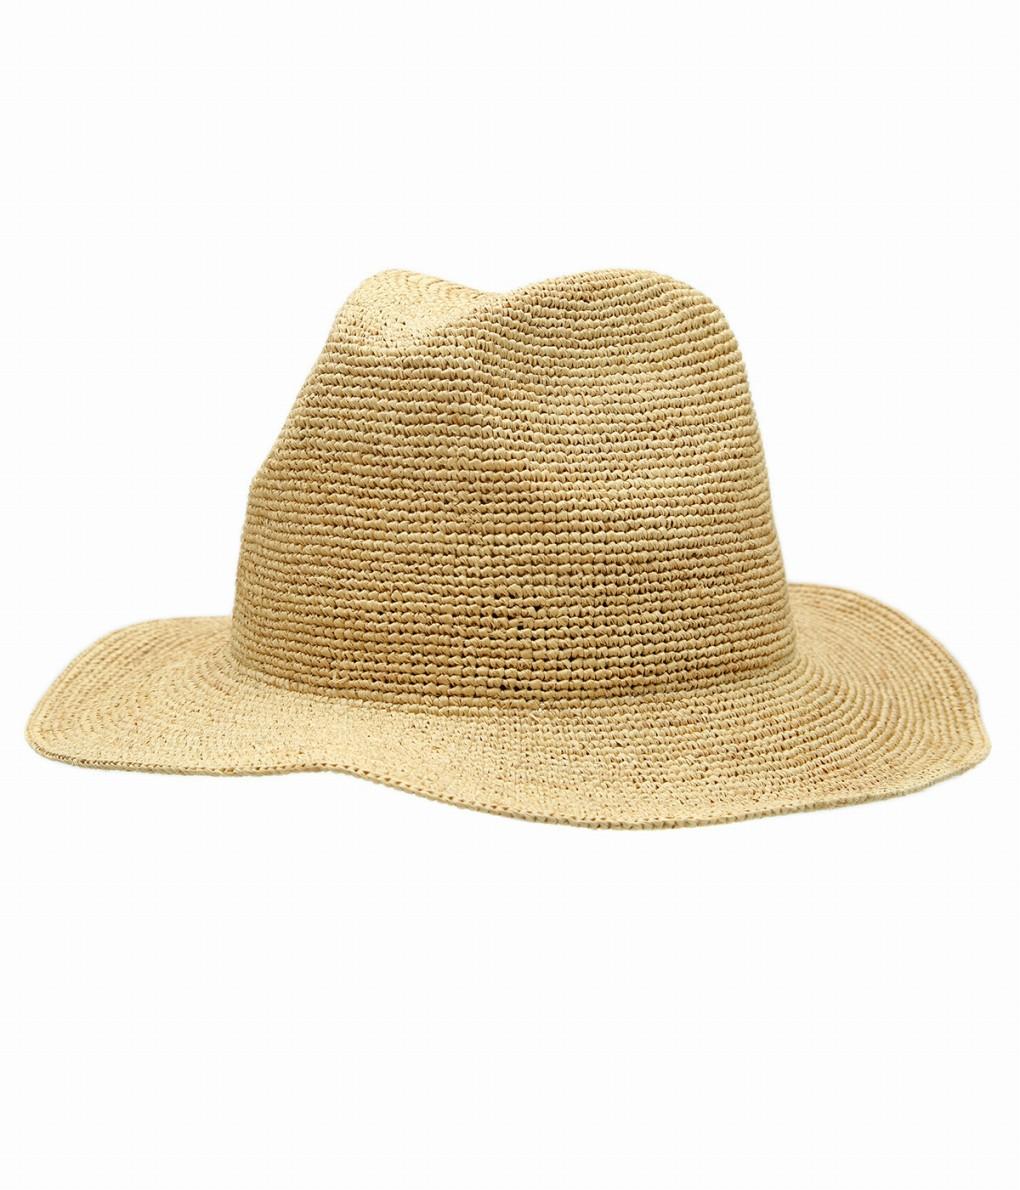 KIJIMA TAKAYUKI / キジマ タカユキ : Raffia Hat : ラフィアハット ハット 帽子 メンズ : 201326 【RIP】